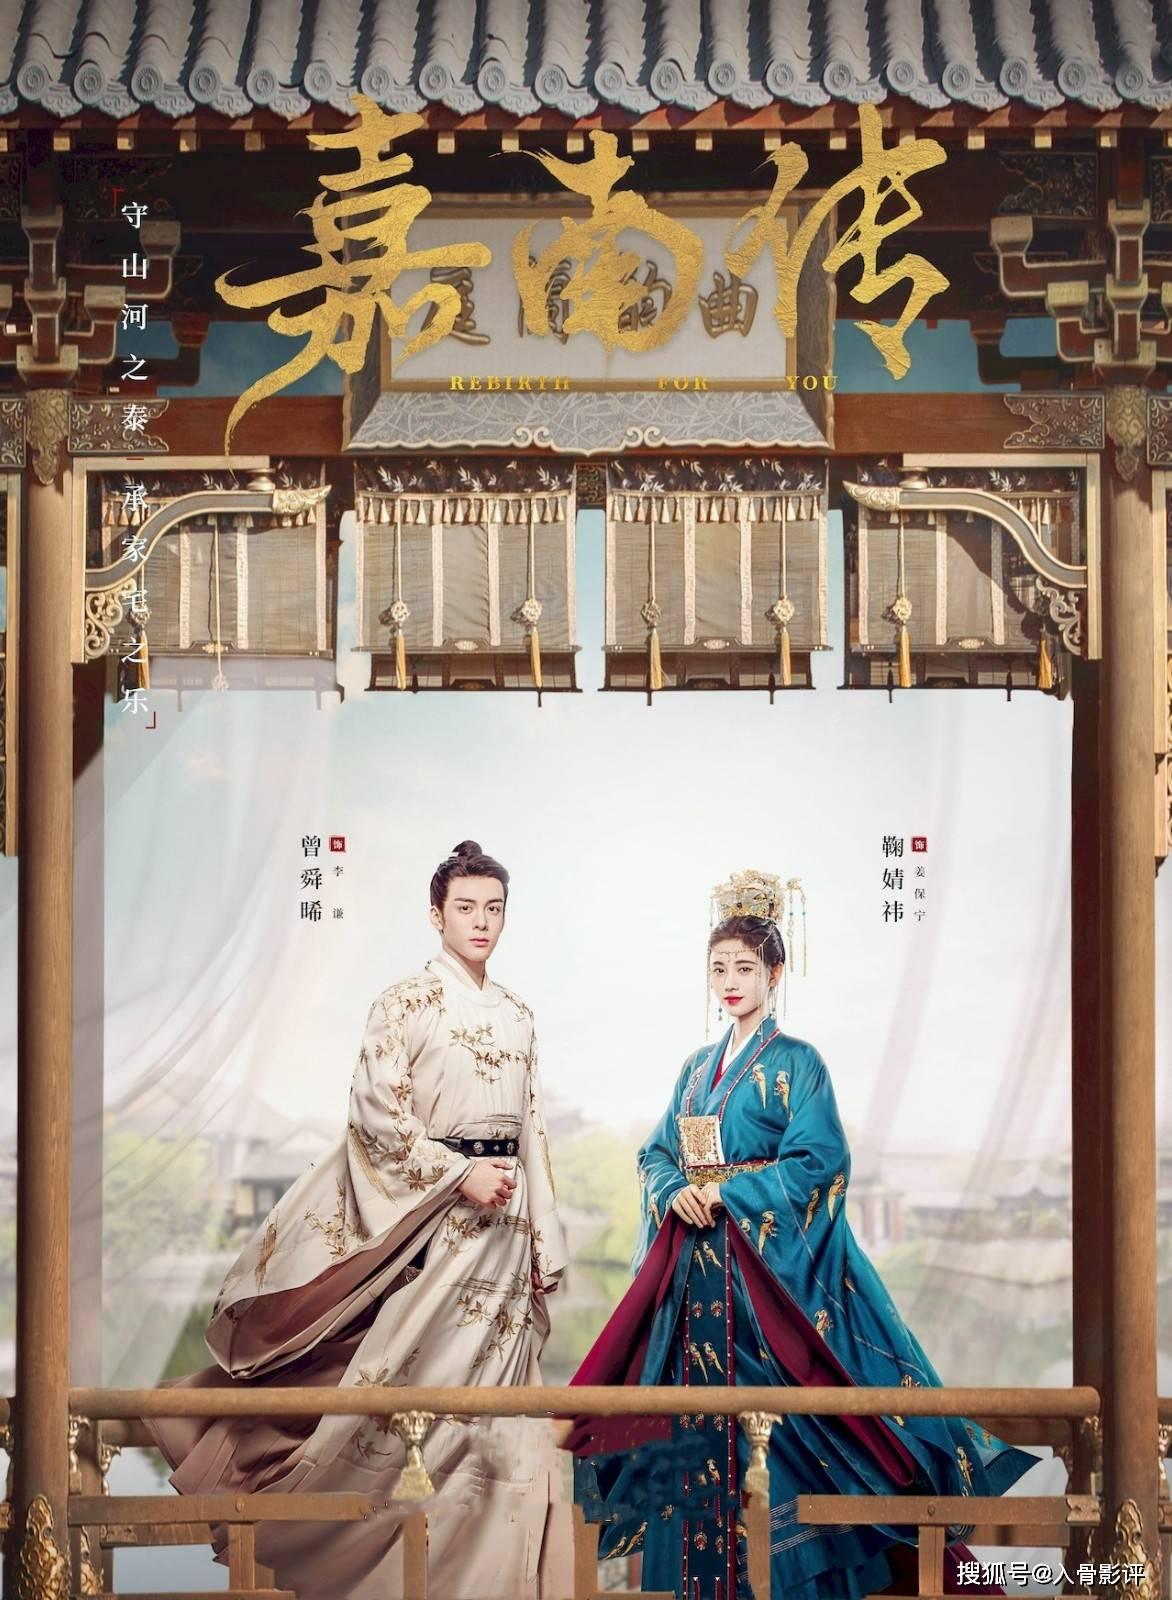 《嘉南传》汪卓成再次出演男二,云梦双杰的滤镜也拯救不了的人设图片